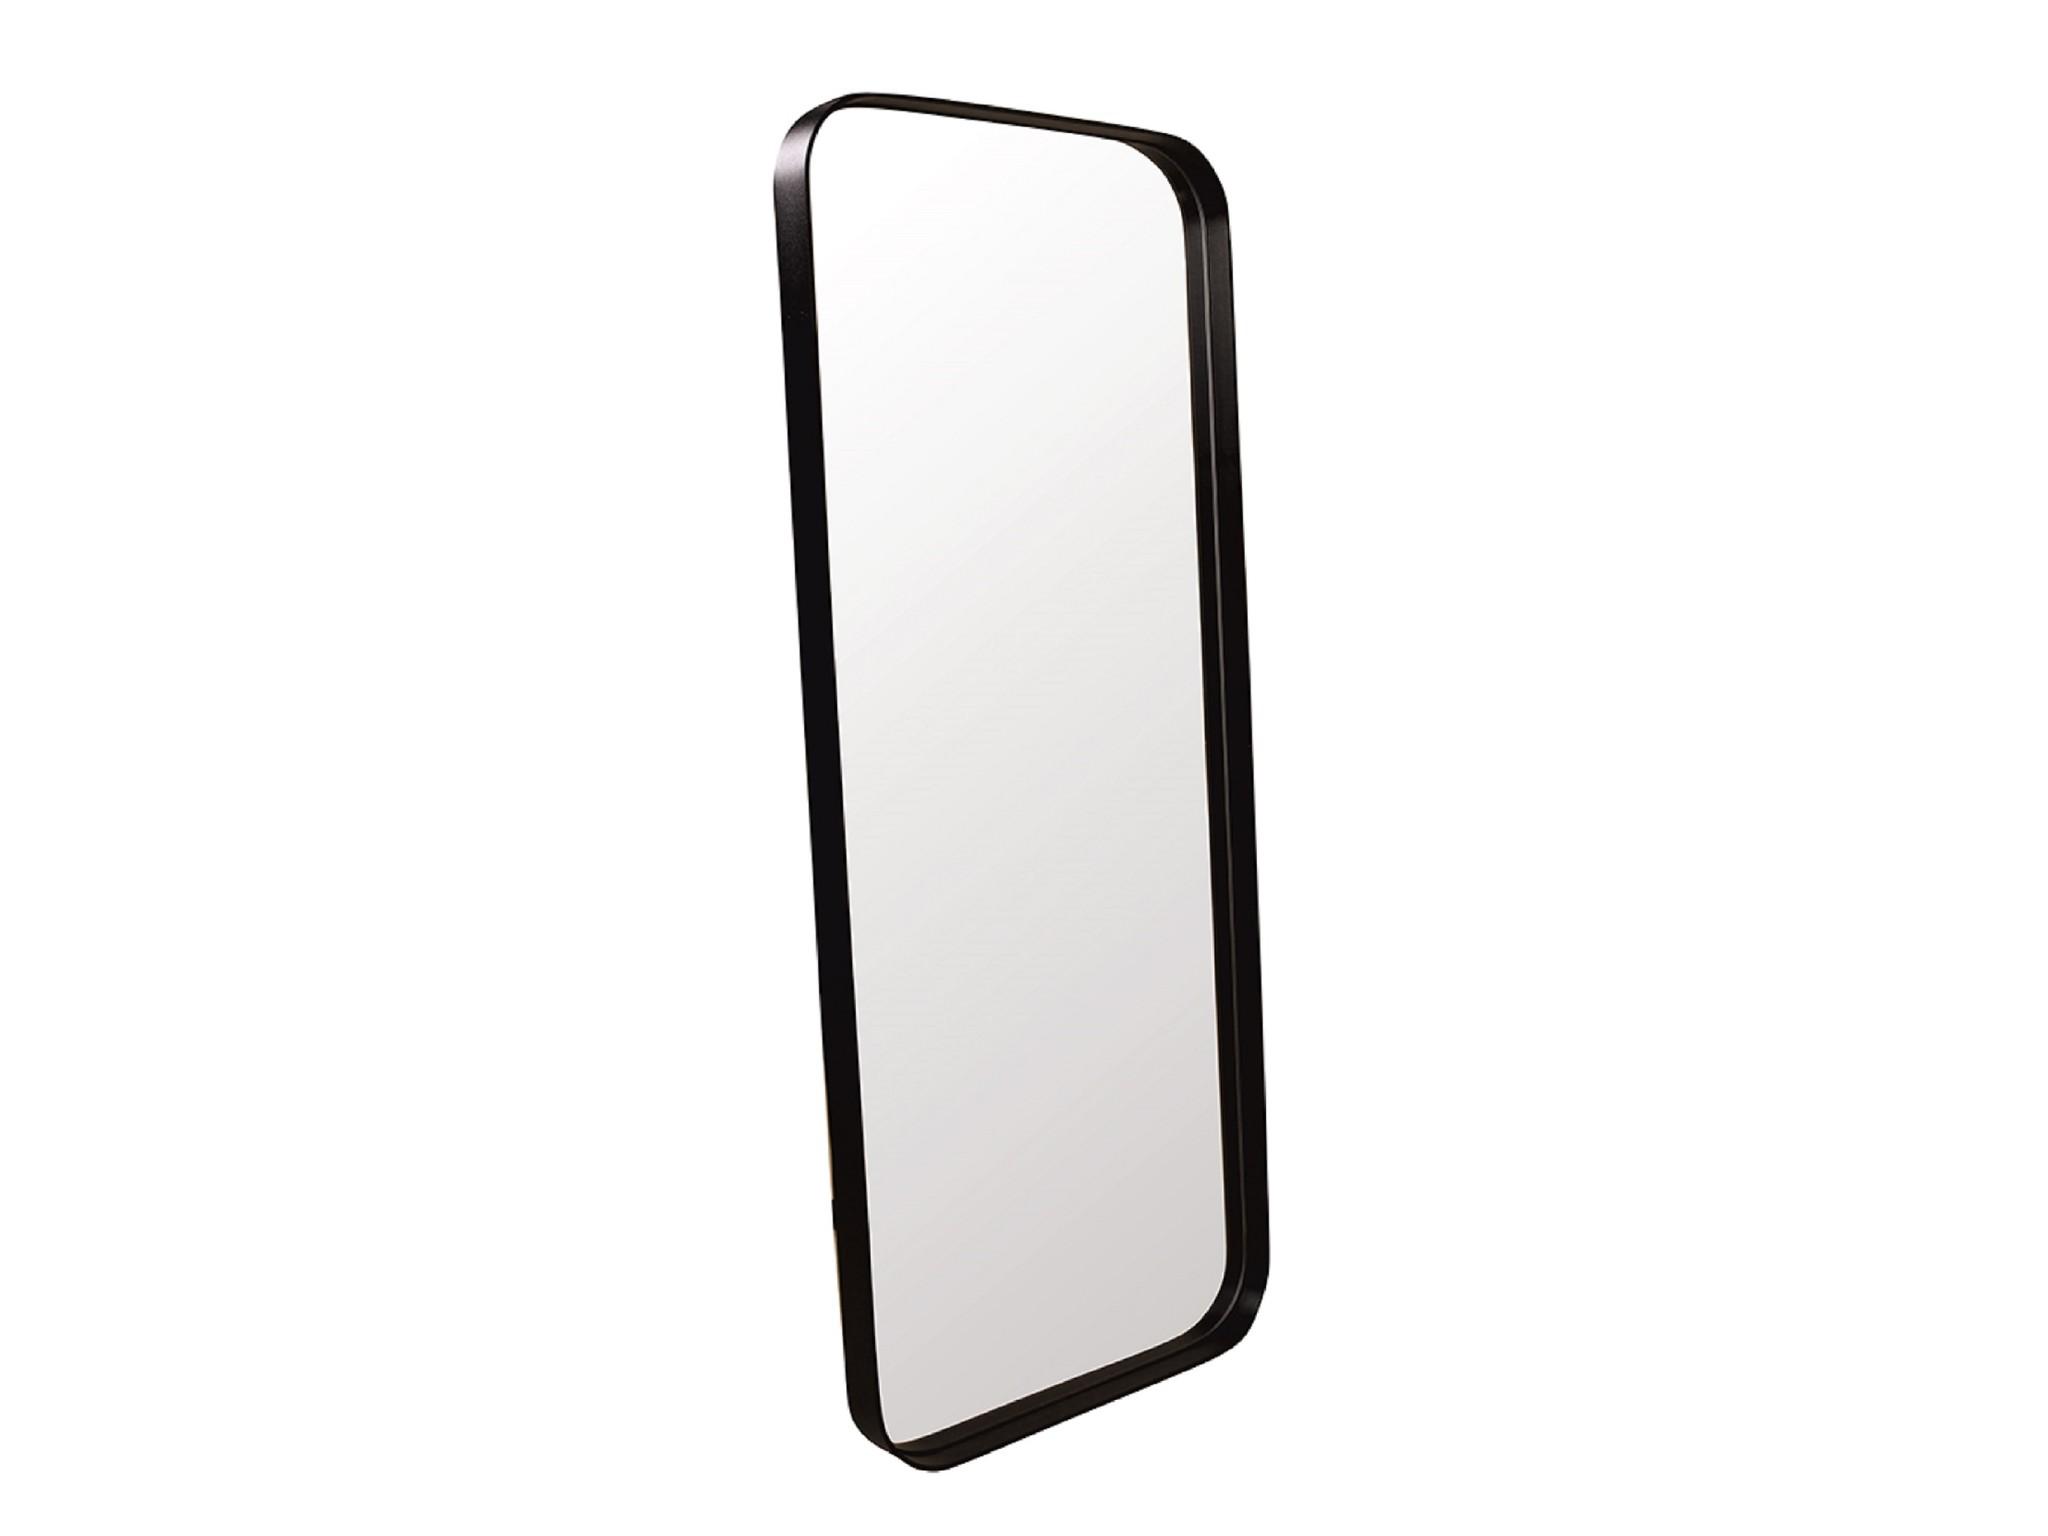 Настенное зеркало кира 160*60 (simple mirror) черный 60.0x160.0x4.0 см.